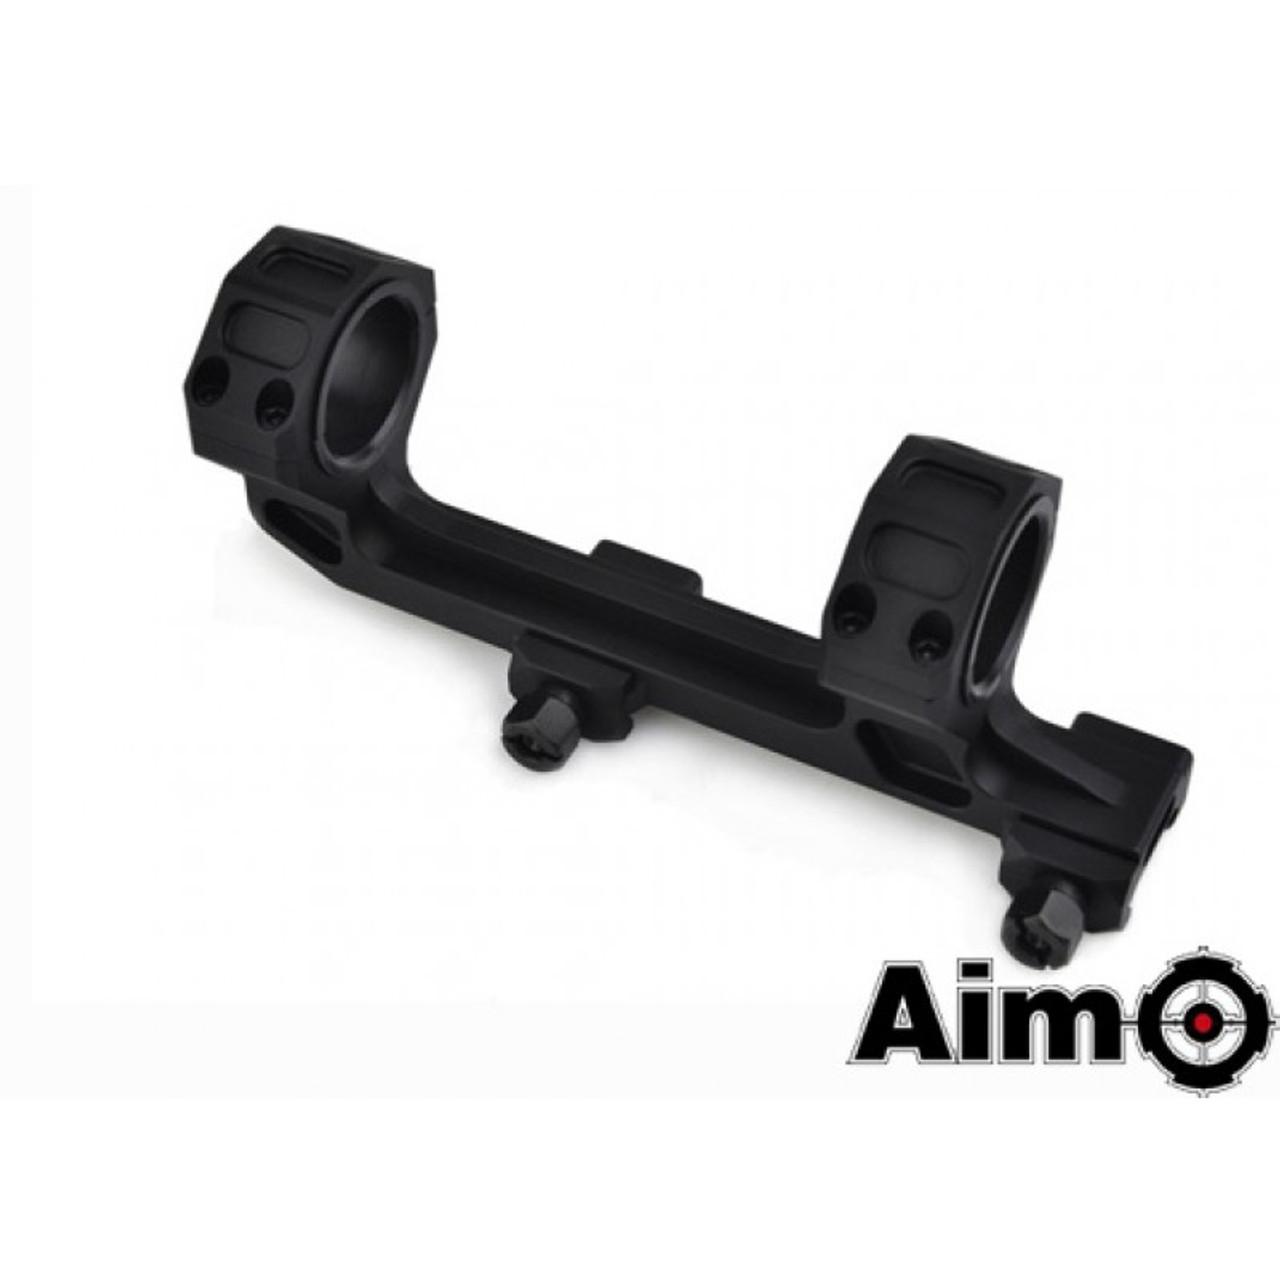 Aim-O GE Short Version Scope Ring Mount - Black